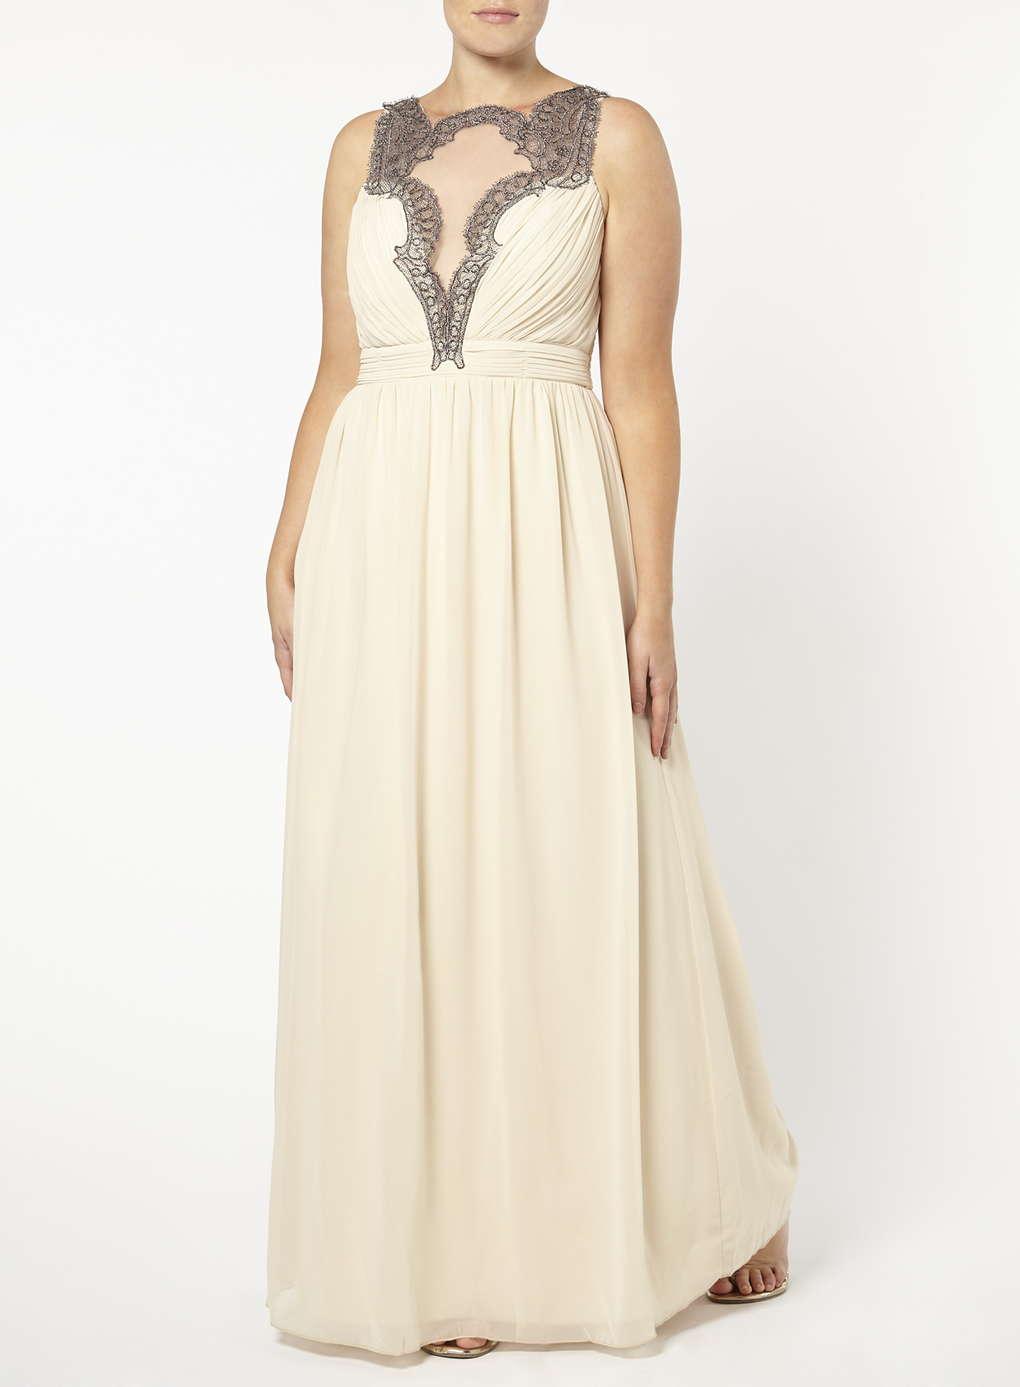 Büyük Beden Uzun Abiye Elbise Modelleri - Gece Elbiseleri - plus size dresses (13)